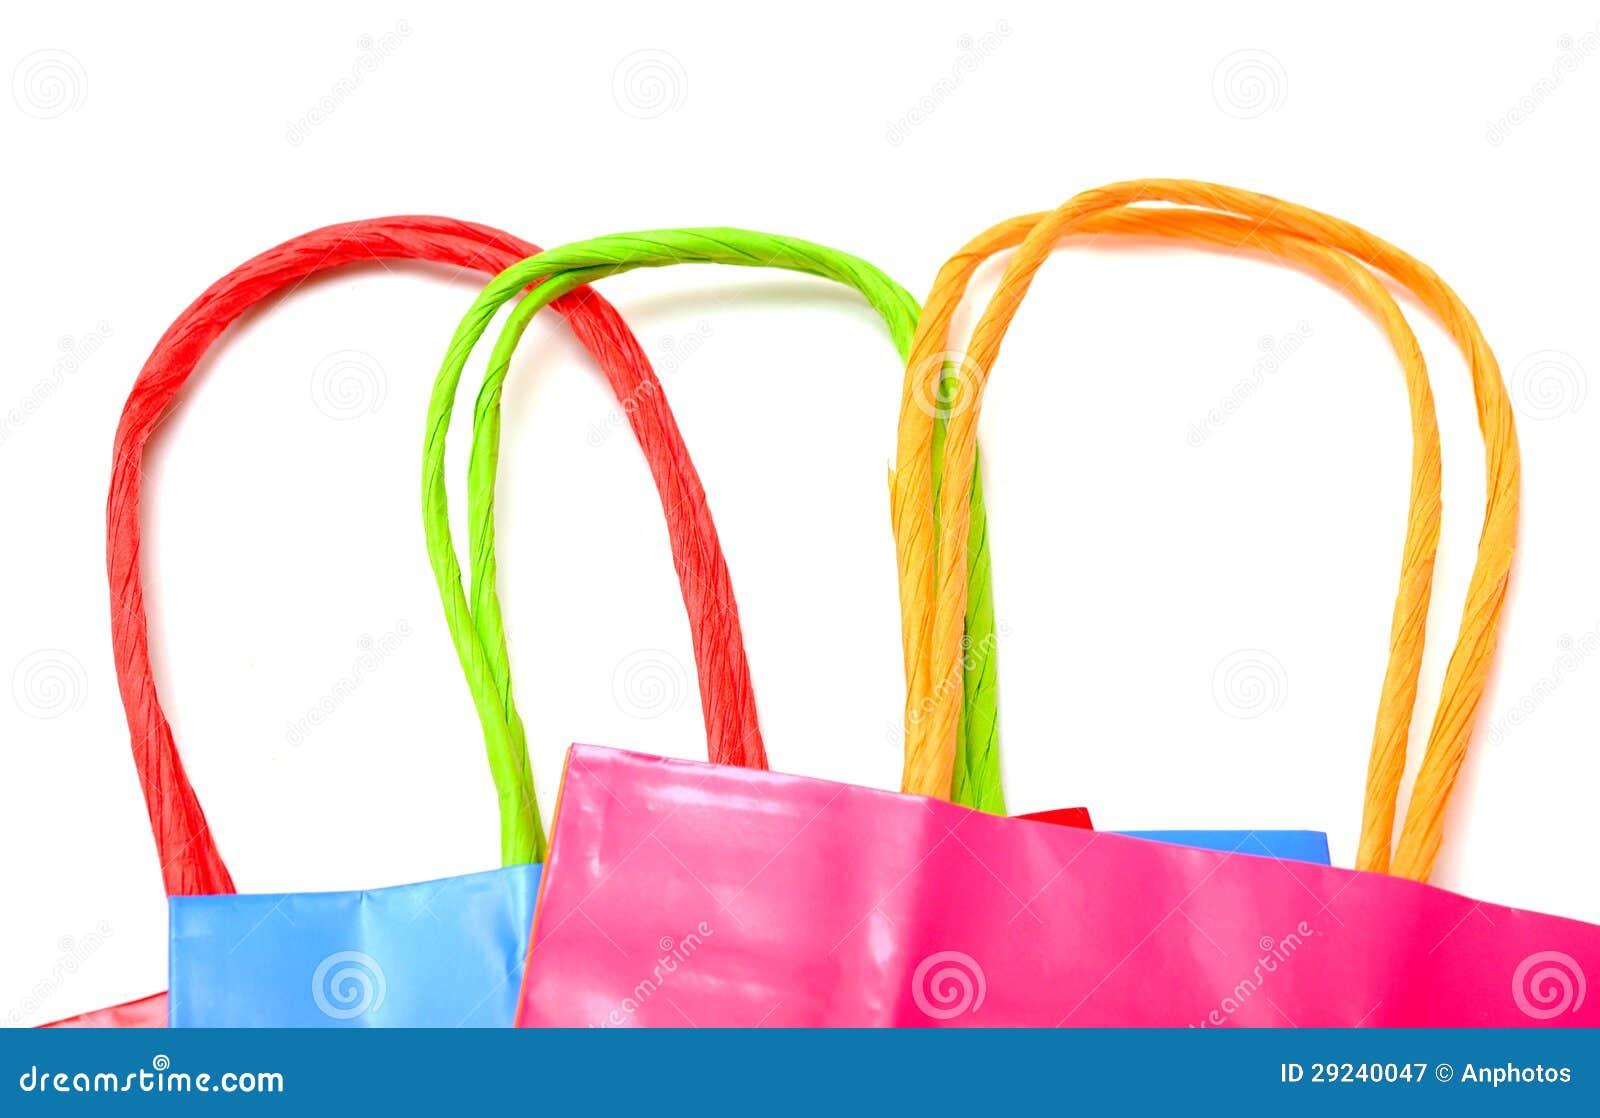 Download Sacos de compras imagem de stock. Imagem de venda, azul - 29240047